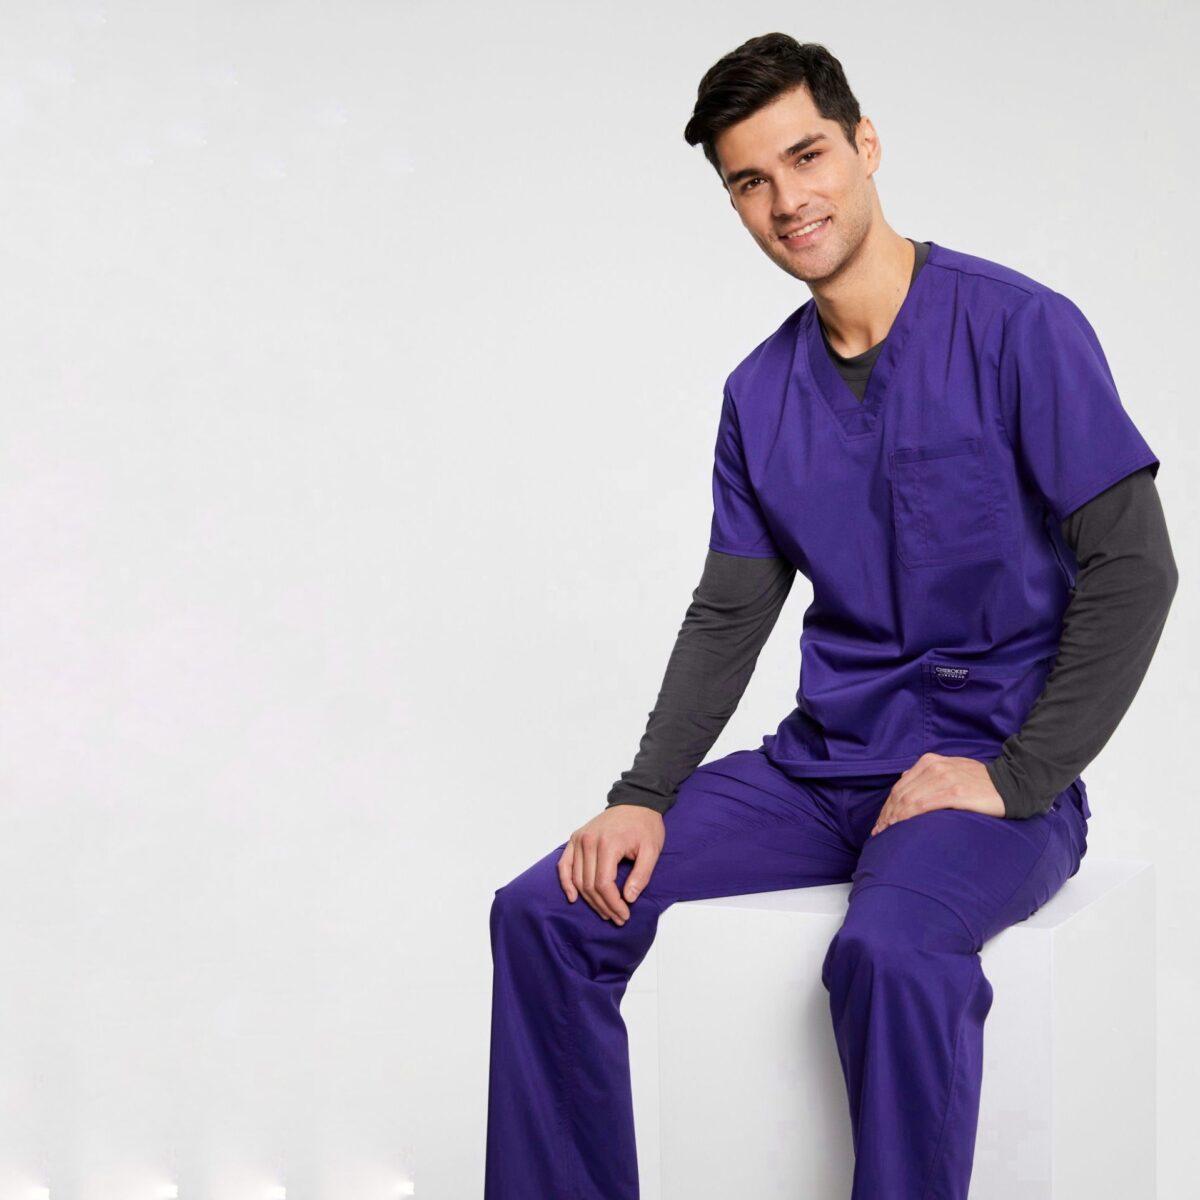 Мужской медицинский костюм Revolution цвет виноград